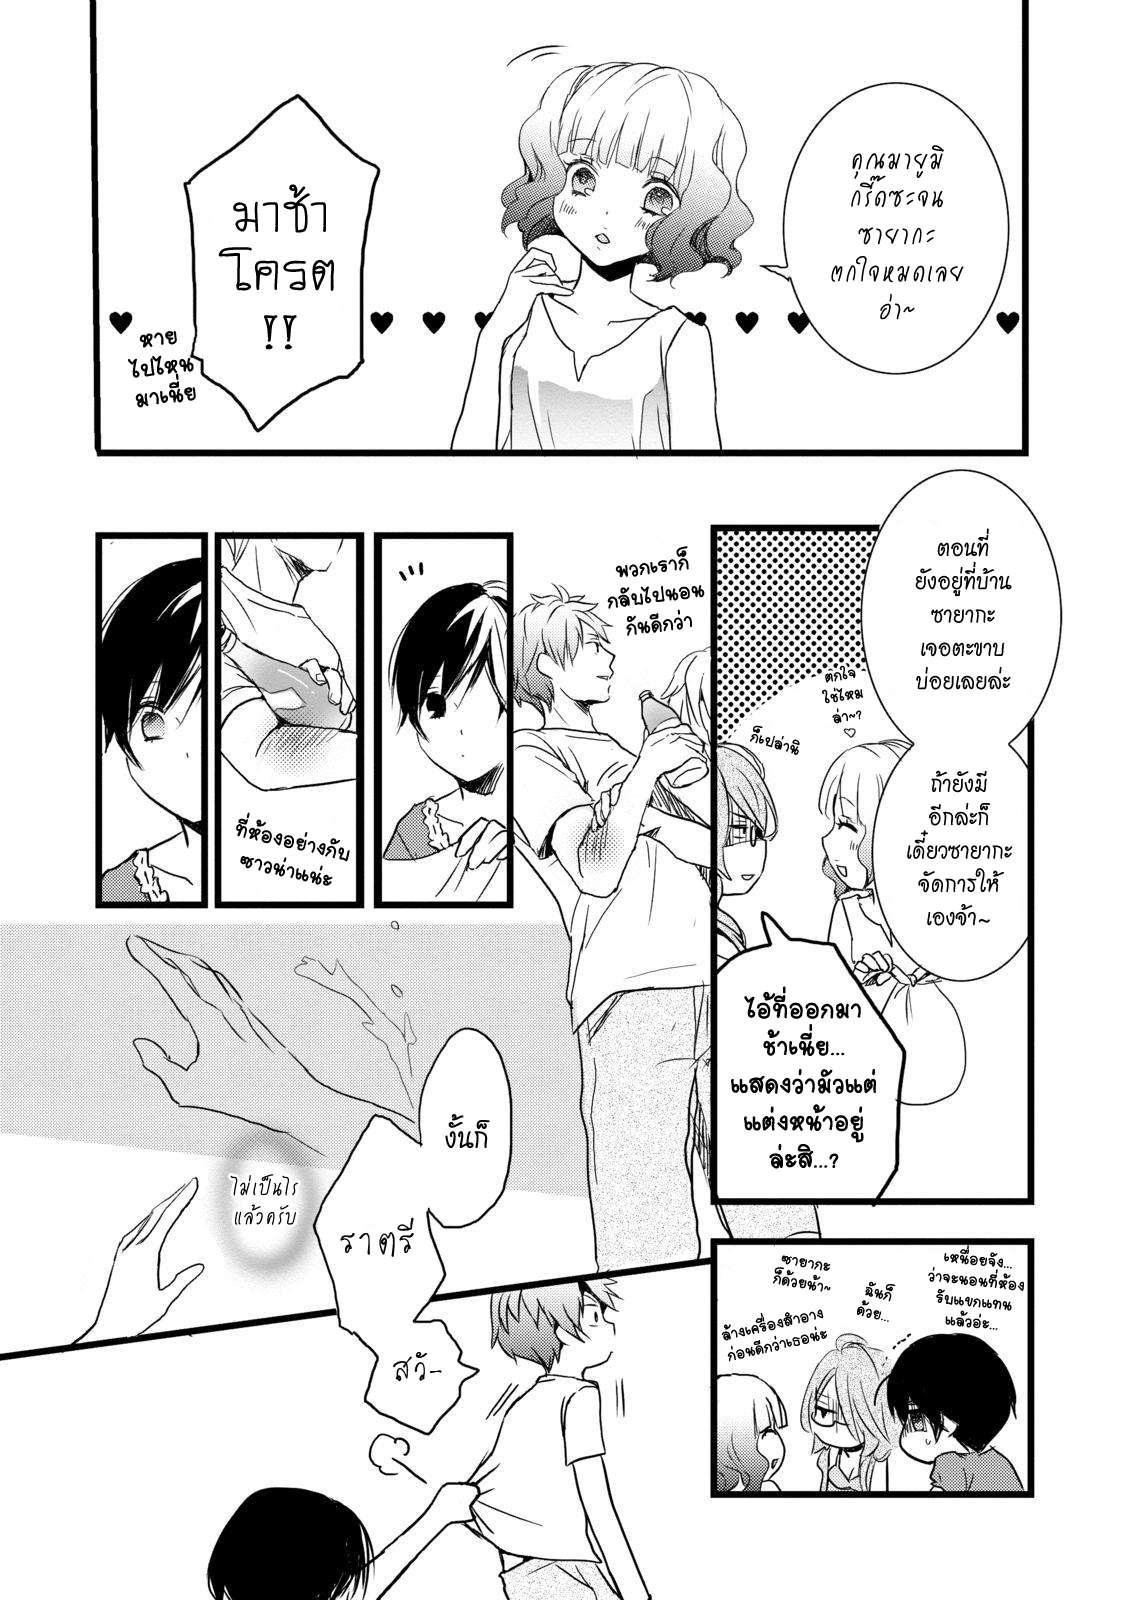 อ่านการ์ตูน Bokura wa Minna Kawaisou ตอนที่ 22 หน้าที่ 22